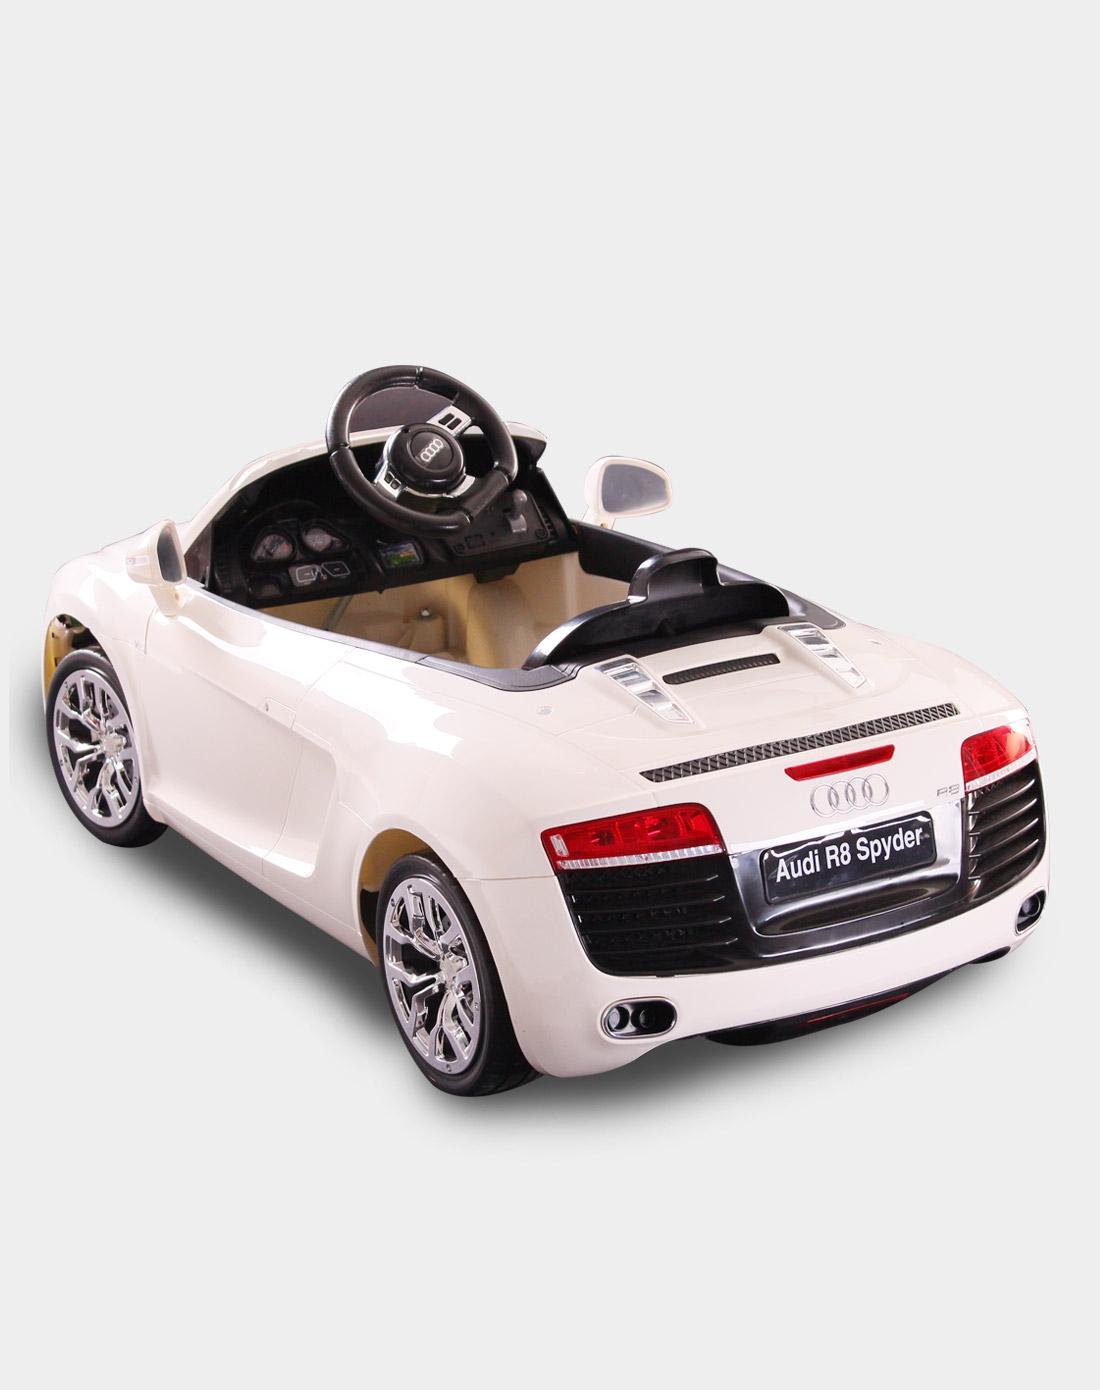 快乐年华儿童电动车专场奥迪r8精品电动可坐遥控儿童